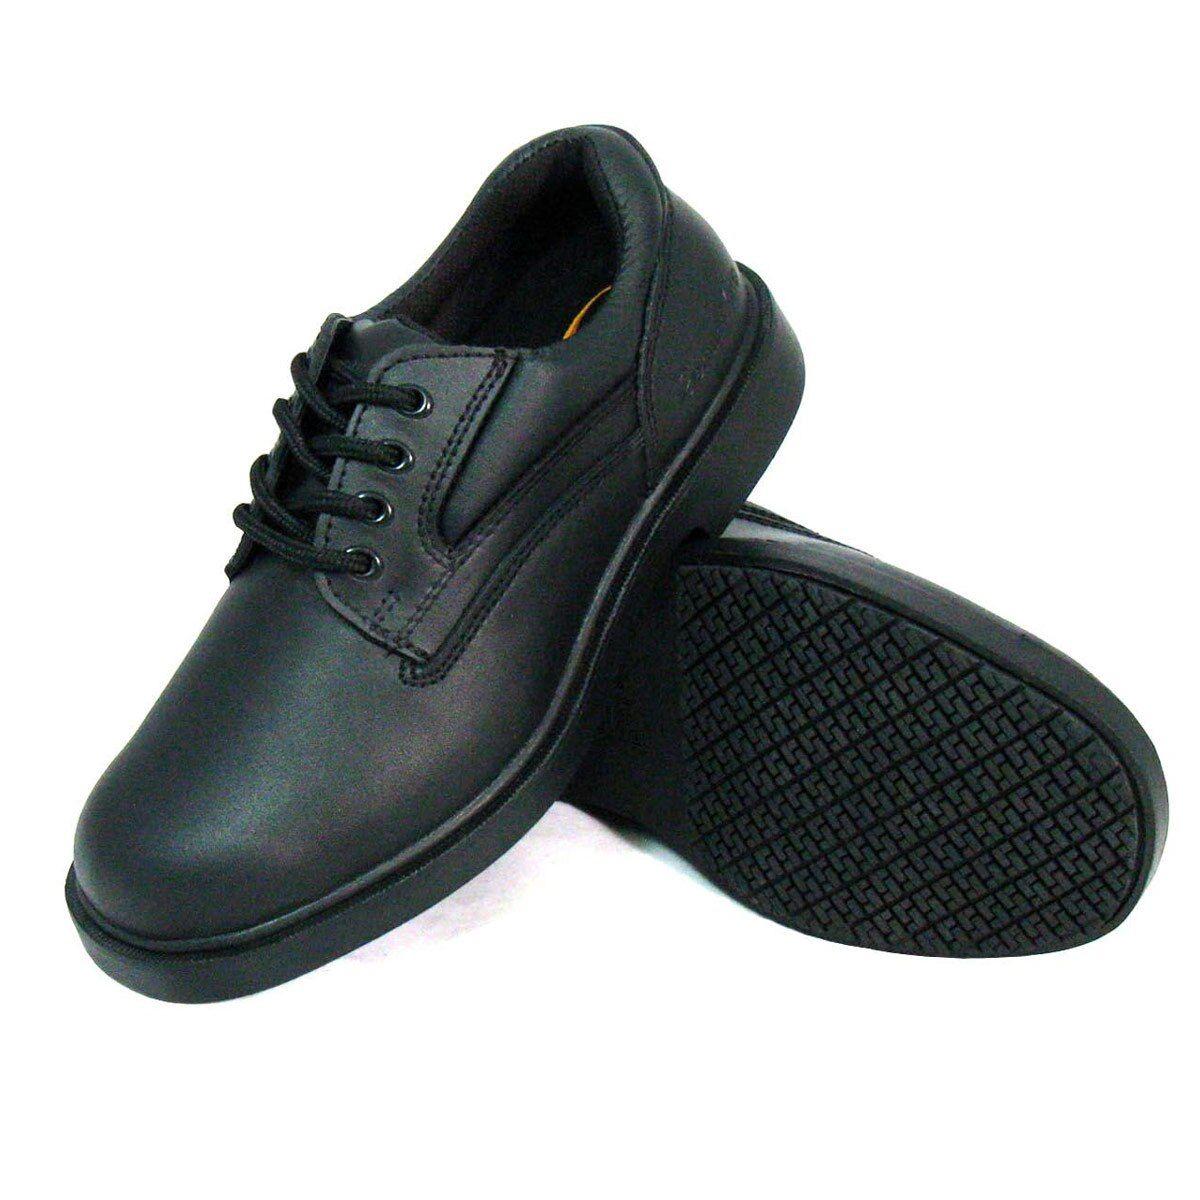 Genuine Grip Women S Steel Toe Professional Work Shoe 710 In 2021 Women Oxford Shoes Professional Work Shoes Women Shoes [ 1200 x 1200 Pixel ]